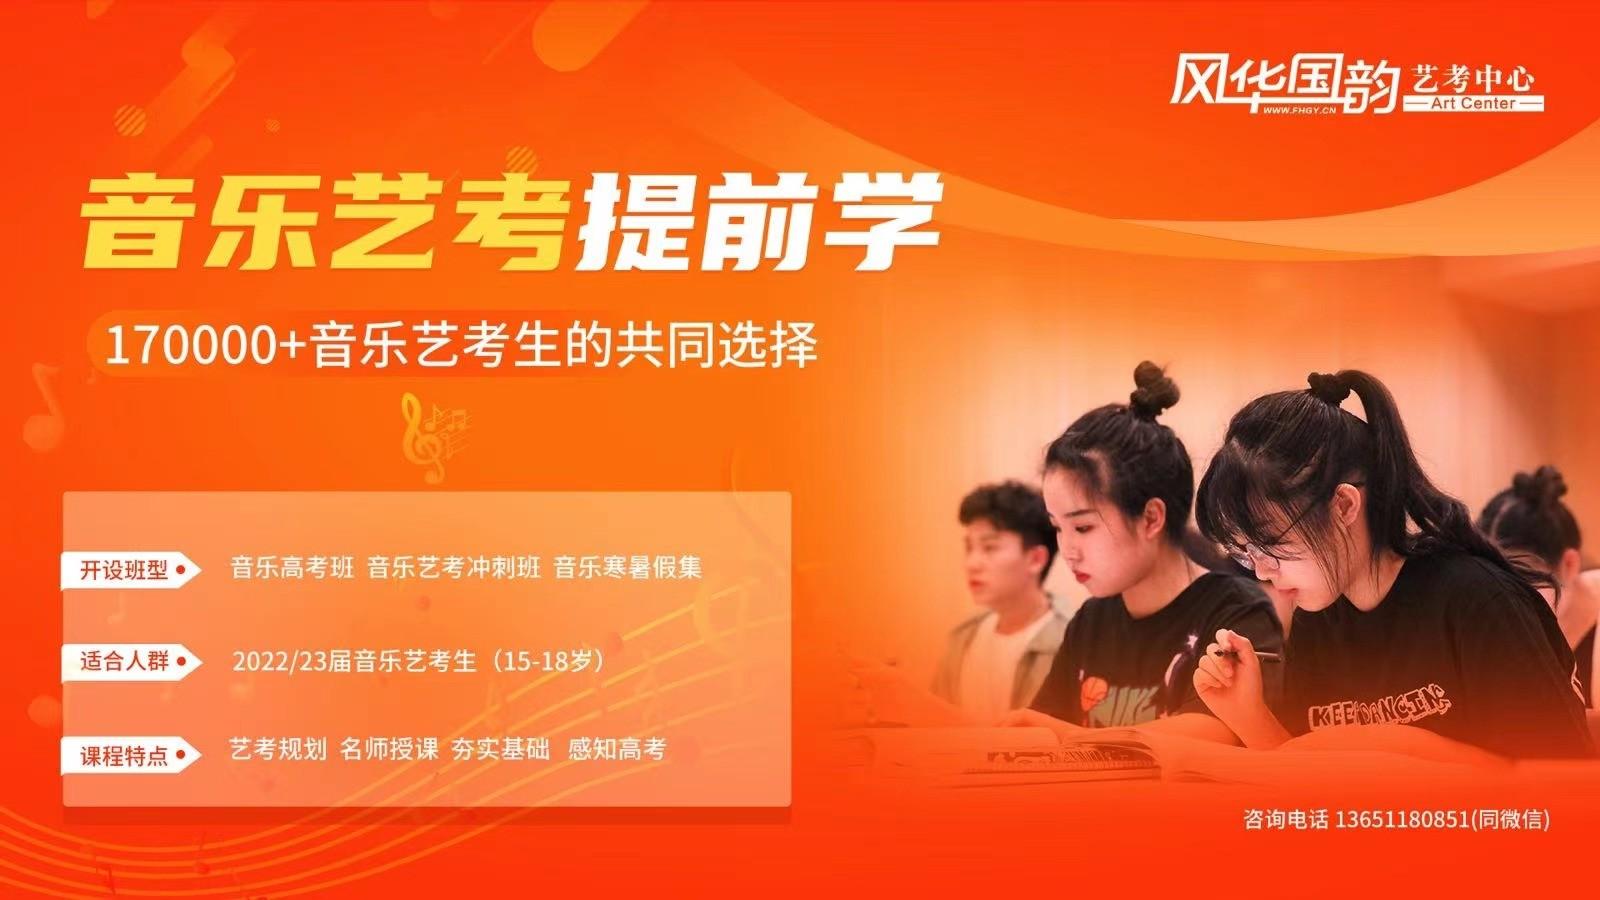 武汉音乐学院集训多少钱?